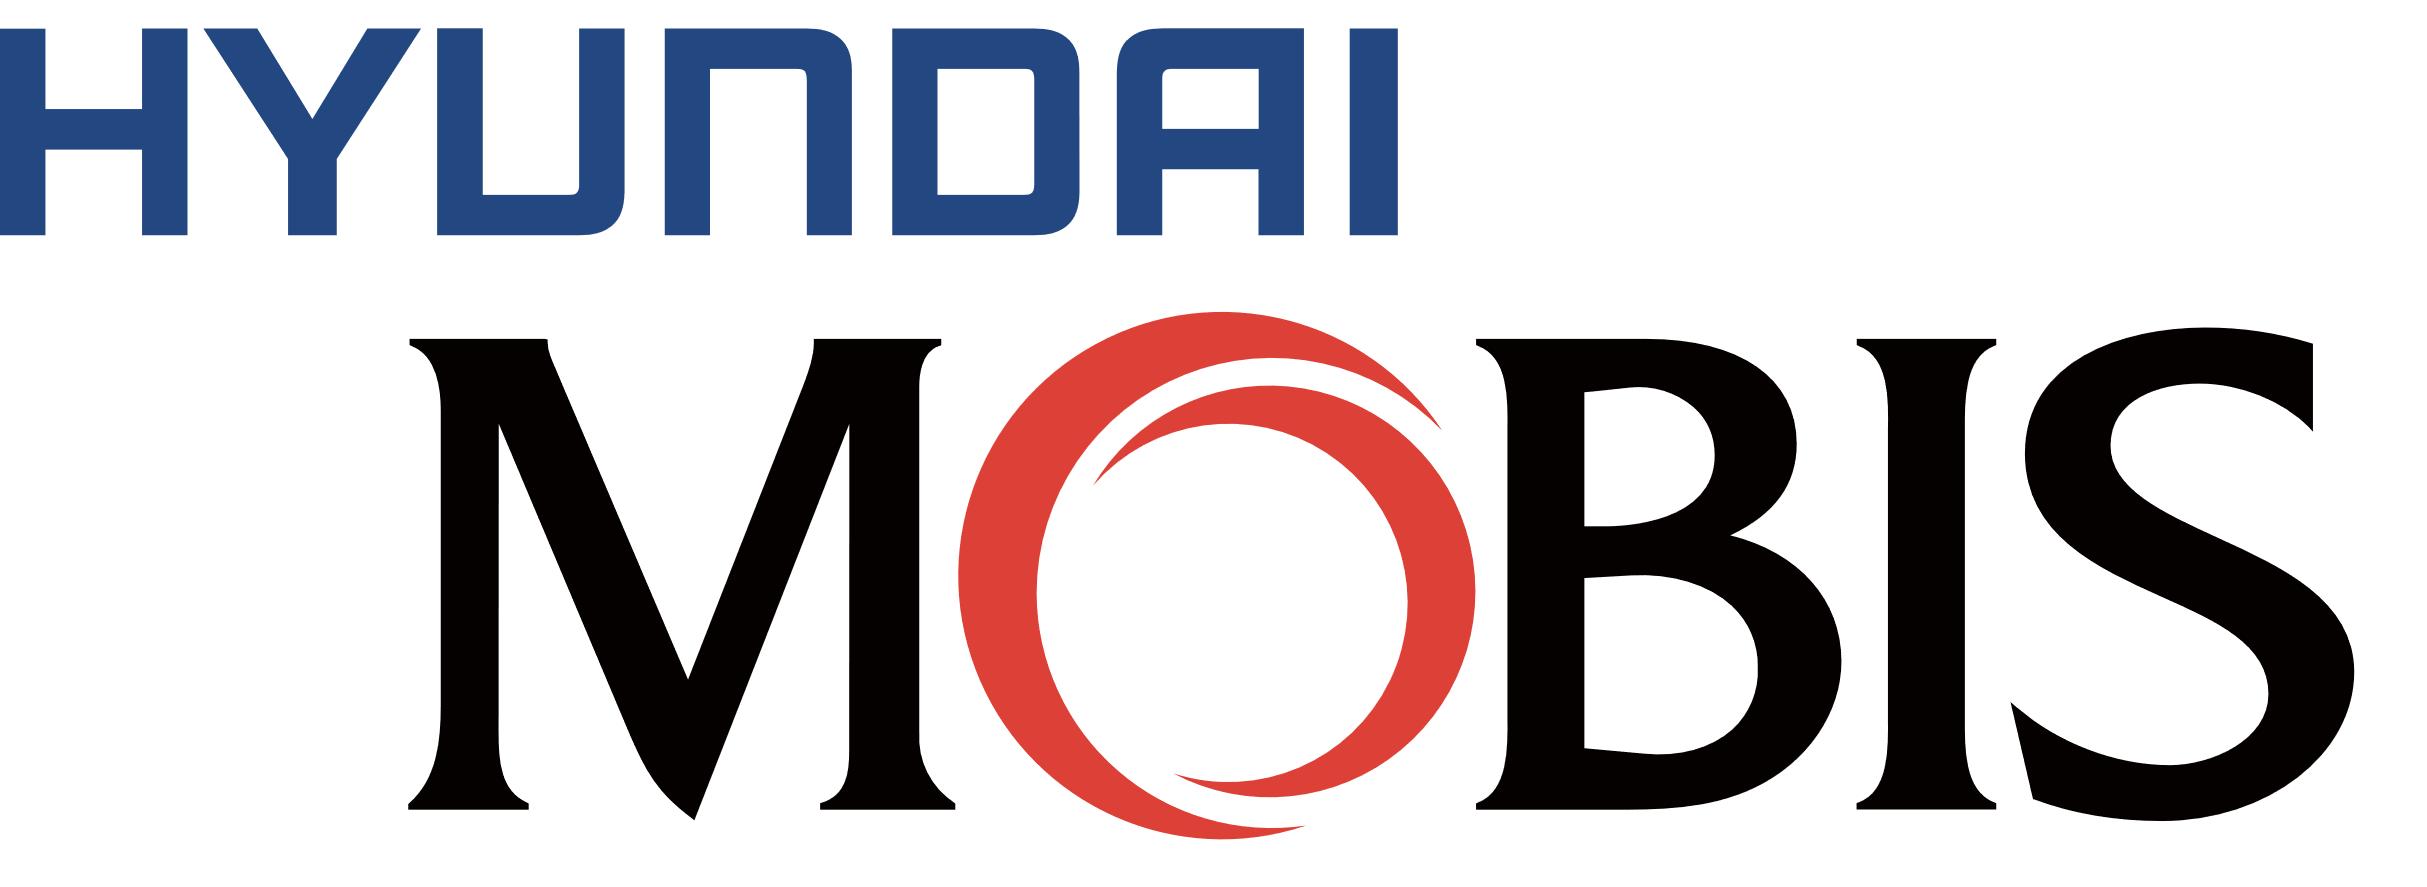 Hyundai Mobis.PNG